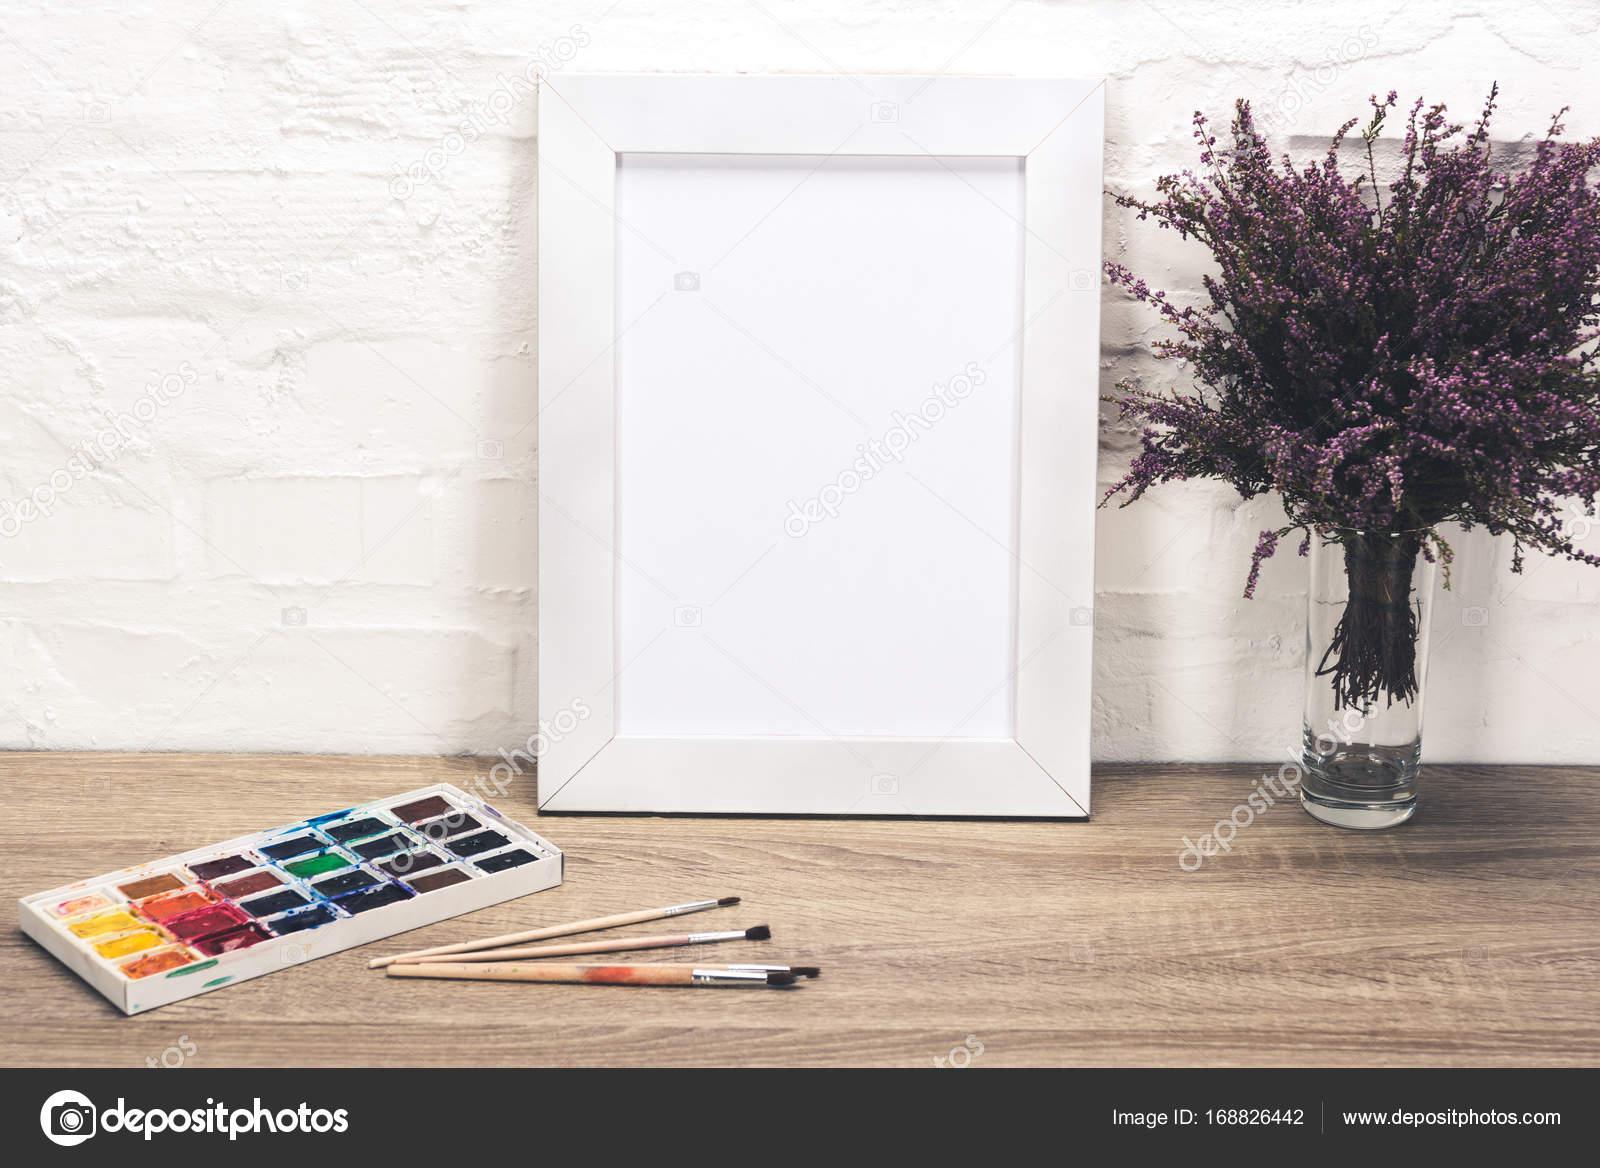 Rahmen und Zeichnung Fotoausrüstung auf Tischplatte — Stockfoto ...